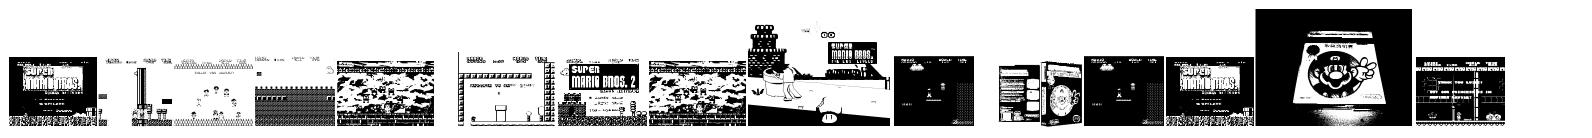 Super Mario Lost! font